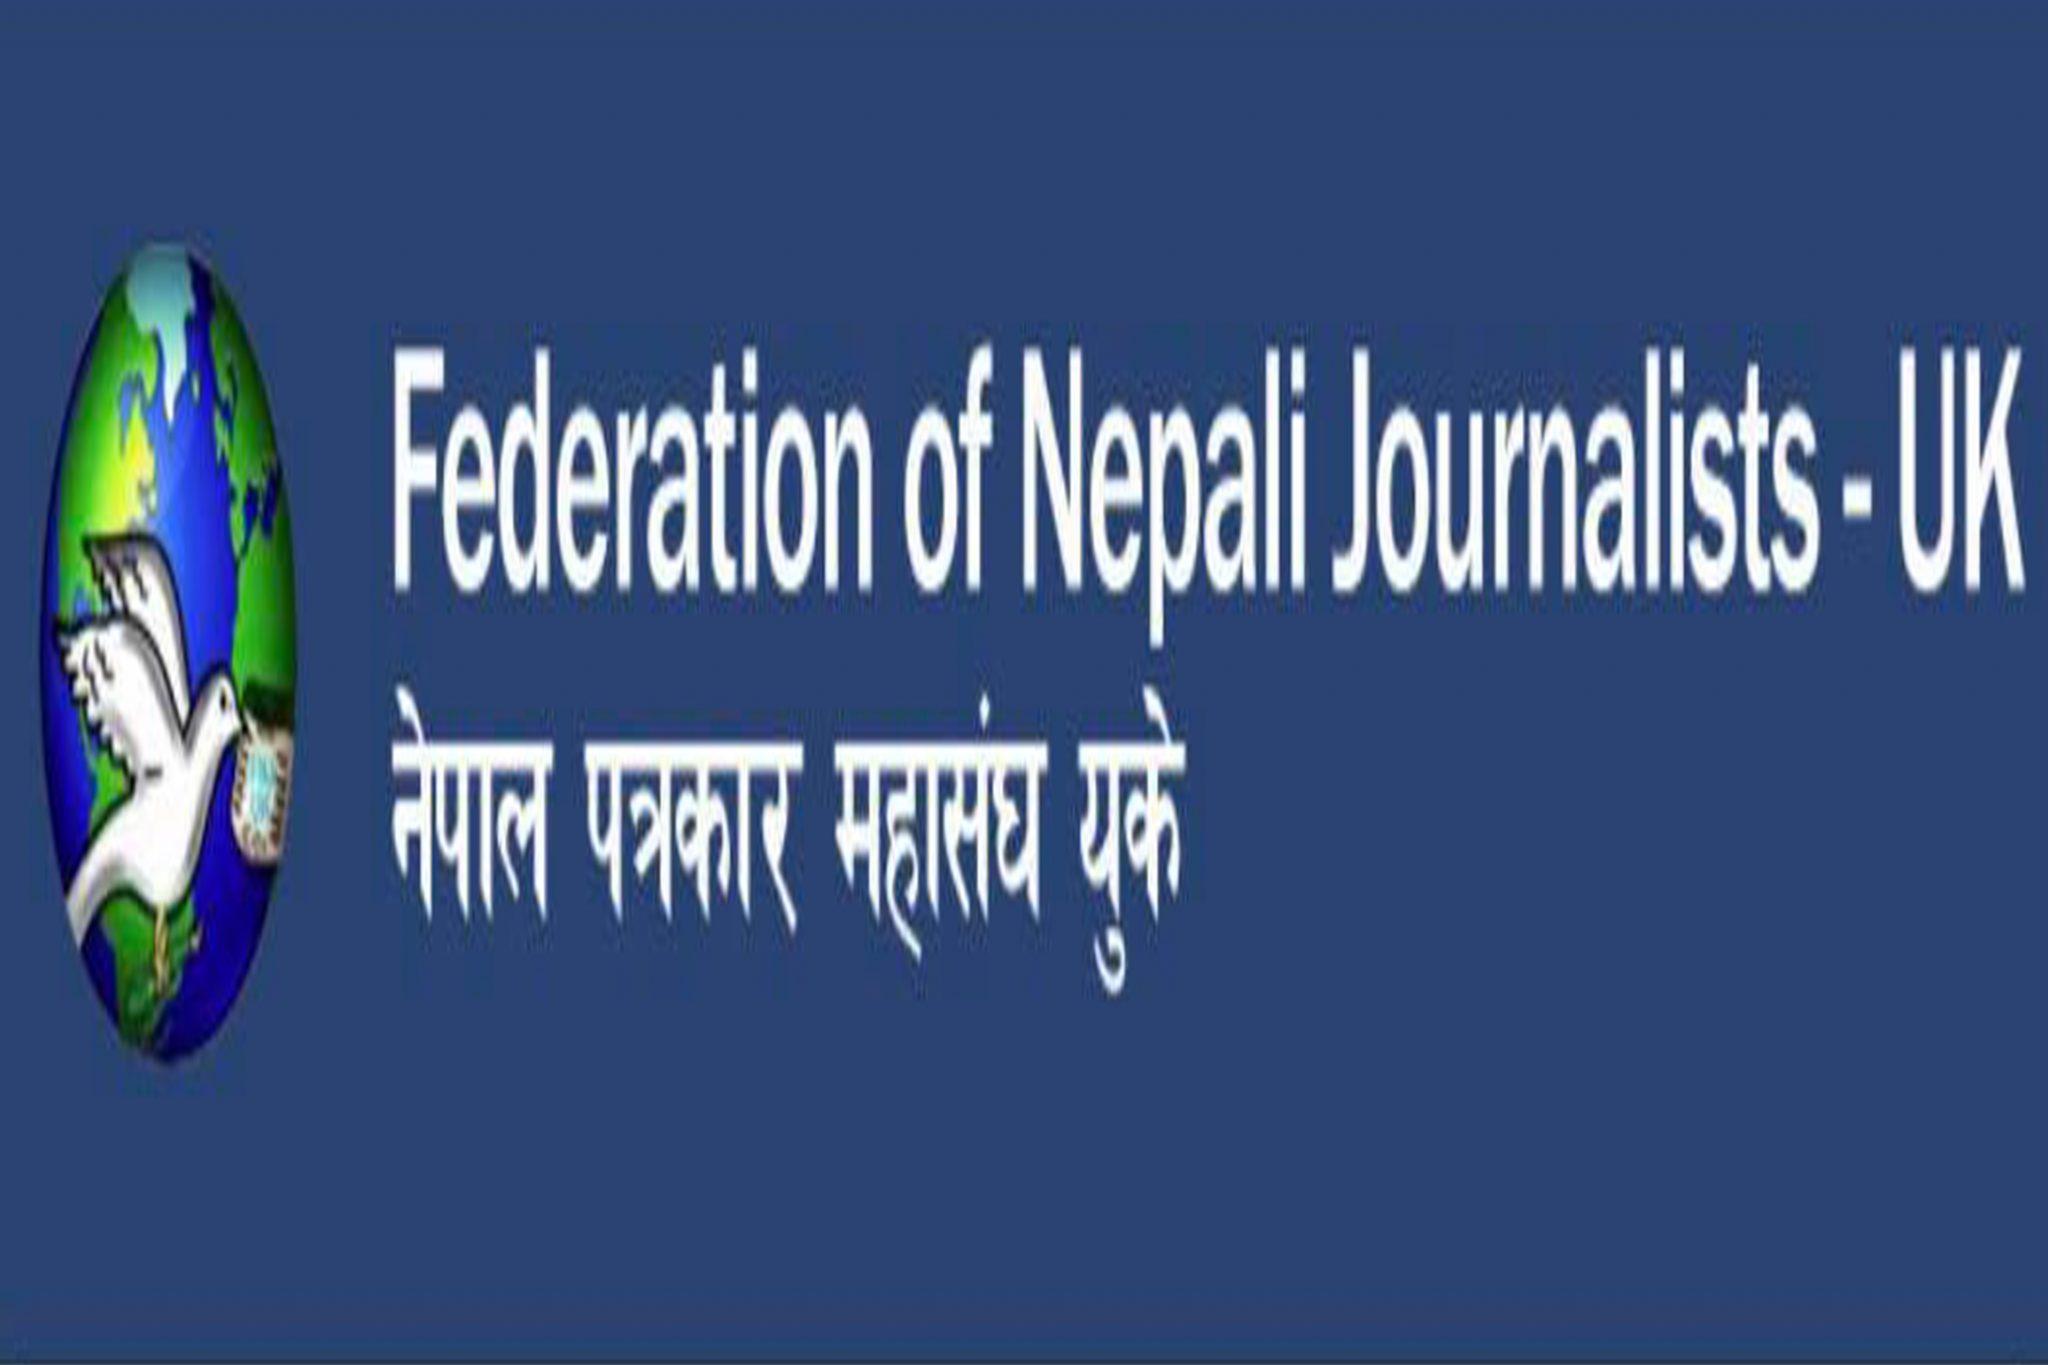 एनआरएनए अन्तर्राष्ट्रिय पत्रकारिता पुरस्कार–२०१९ का लागि आह्वान